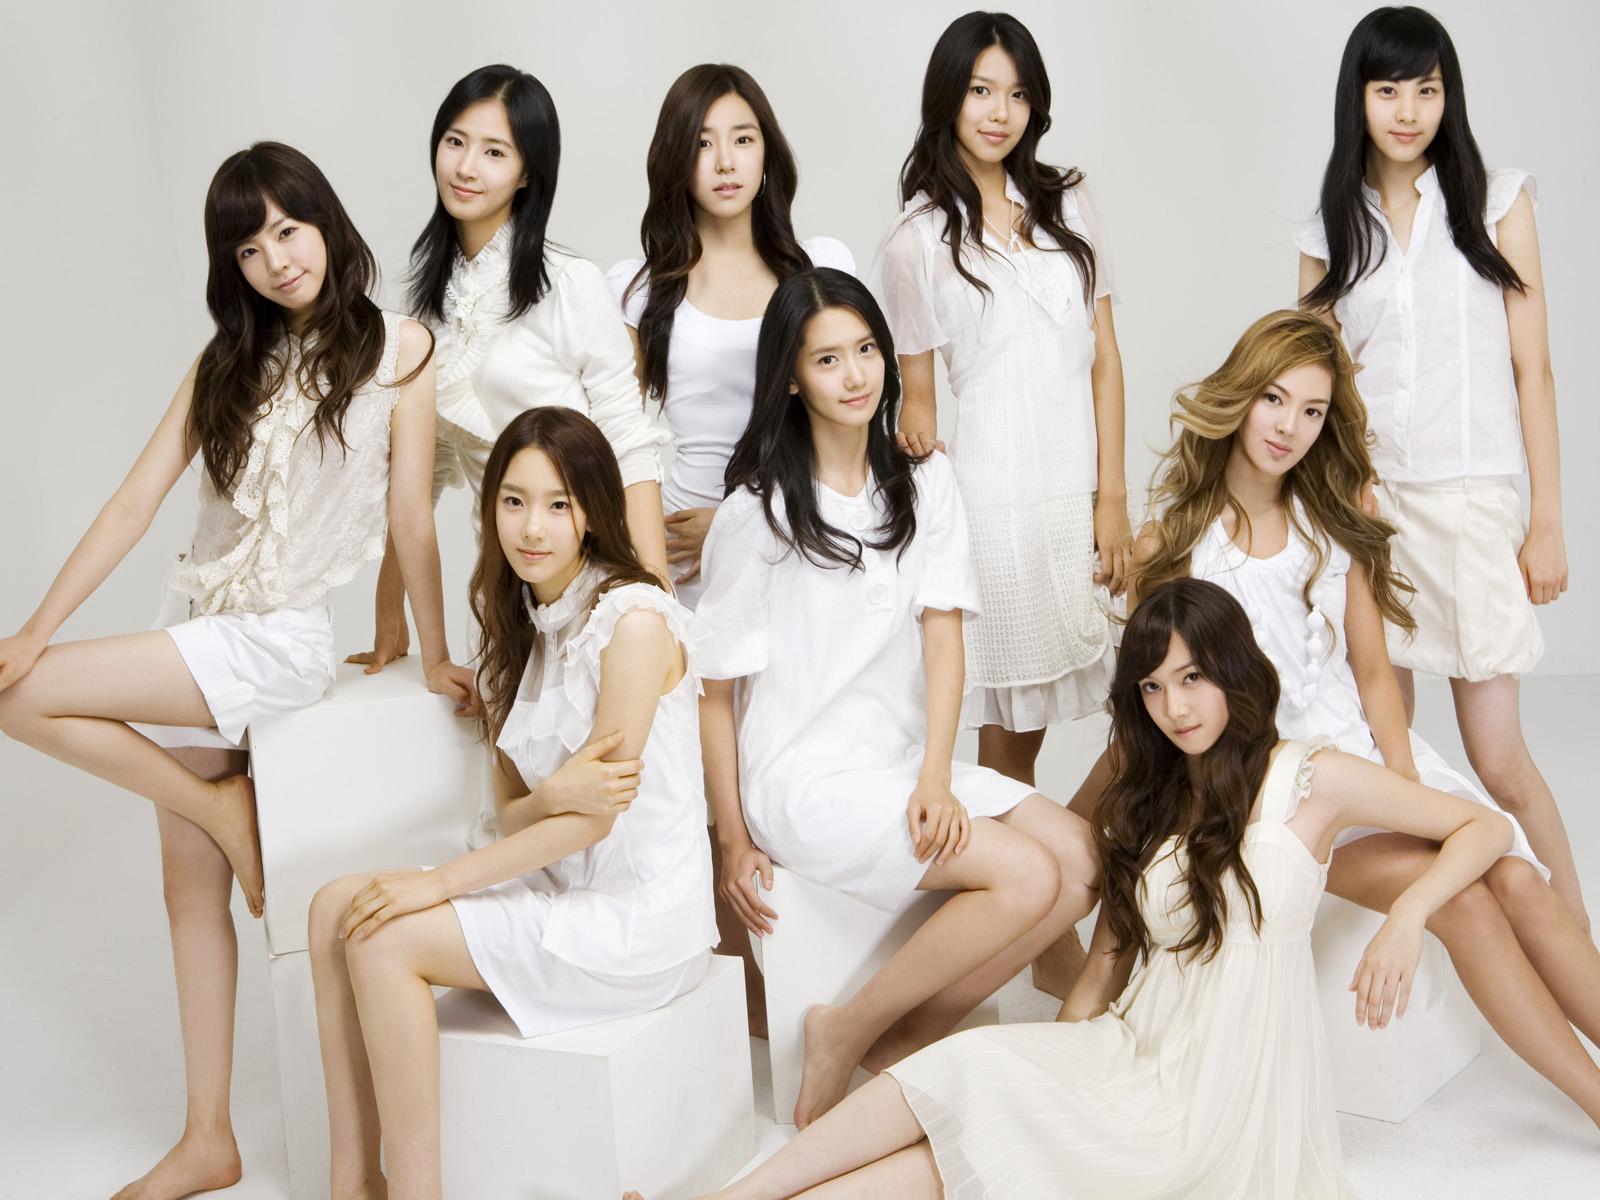 少女時代のメンバーを人気順に紹介!プロフィールまとめ!【画像あり】のサムネイル画像